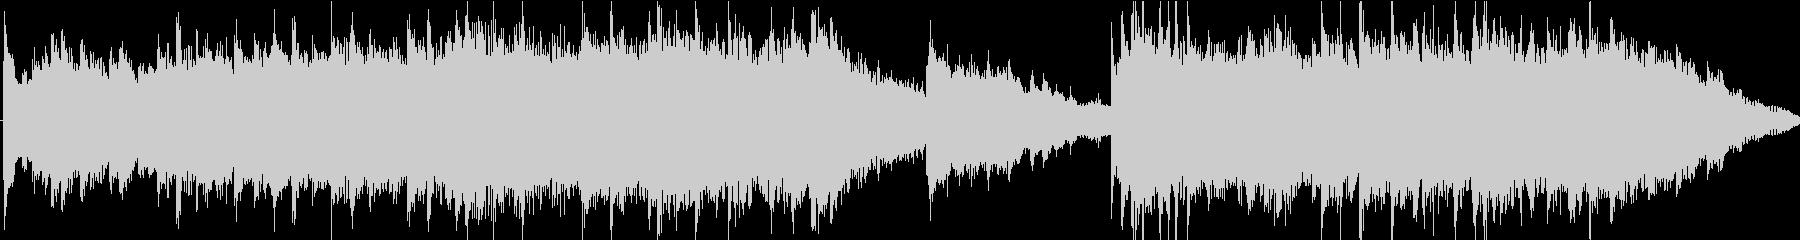 クラシカルなピアノのサウンドロゴの未再生の波形